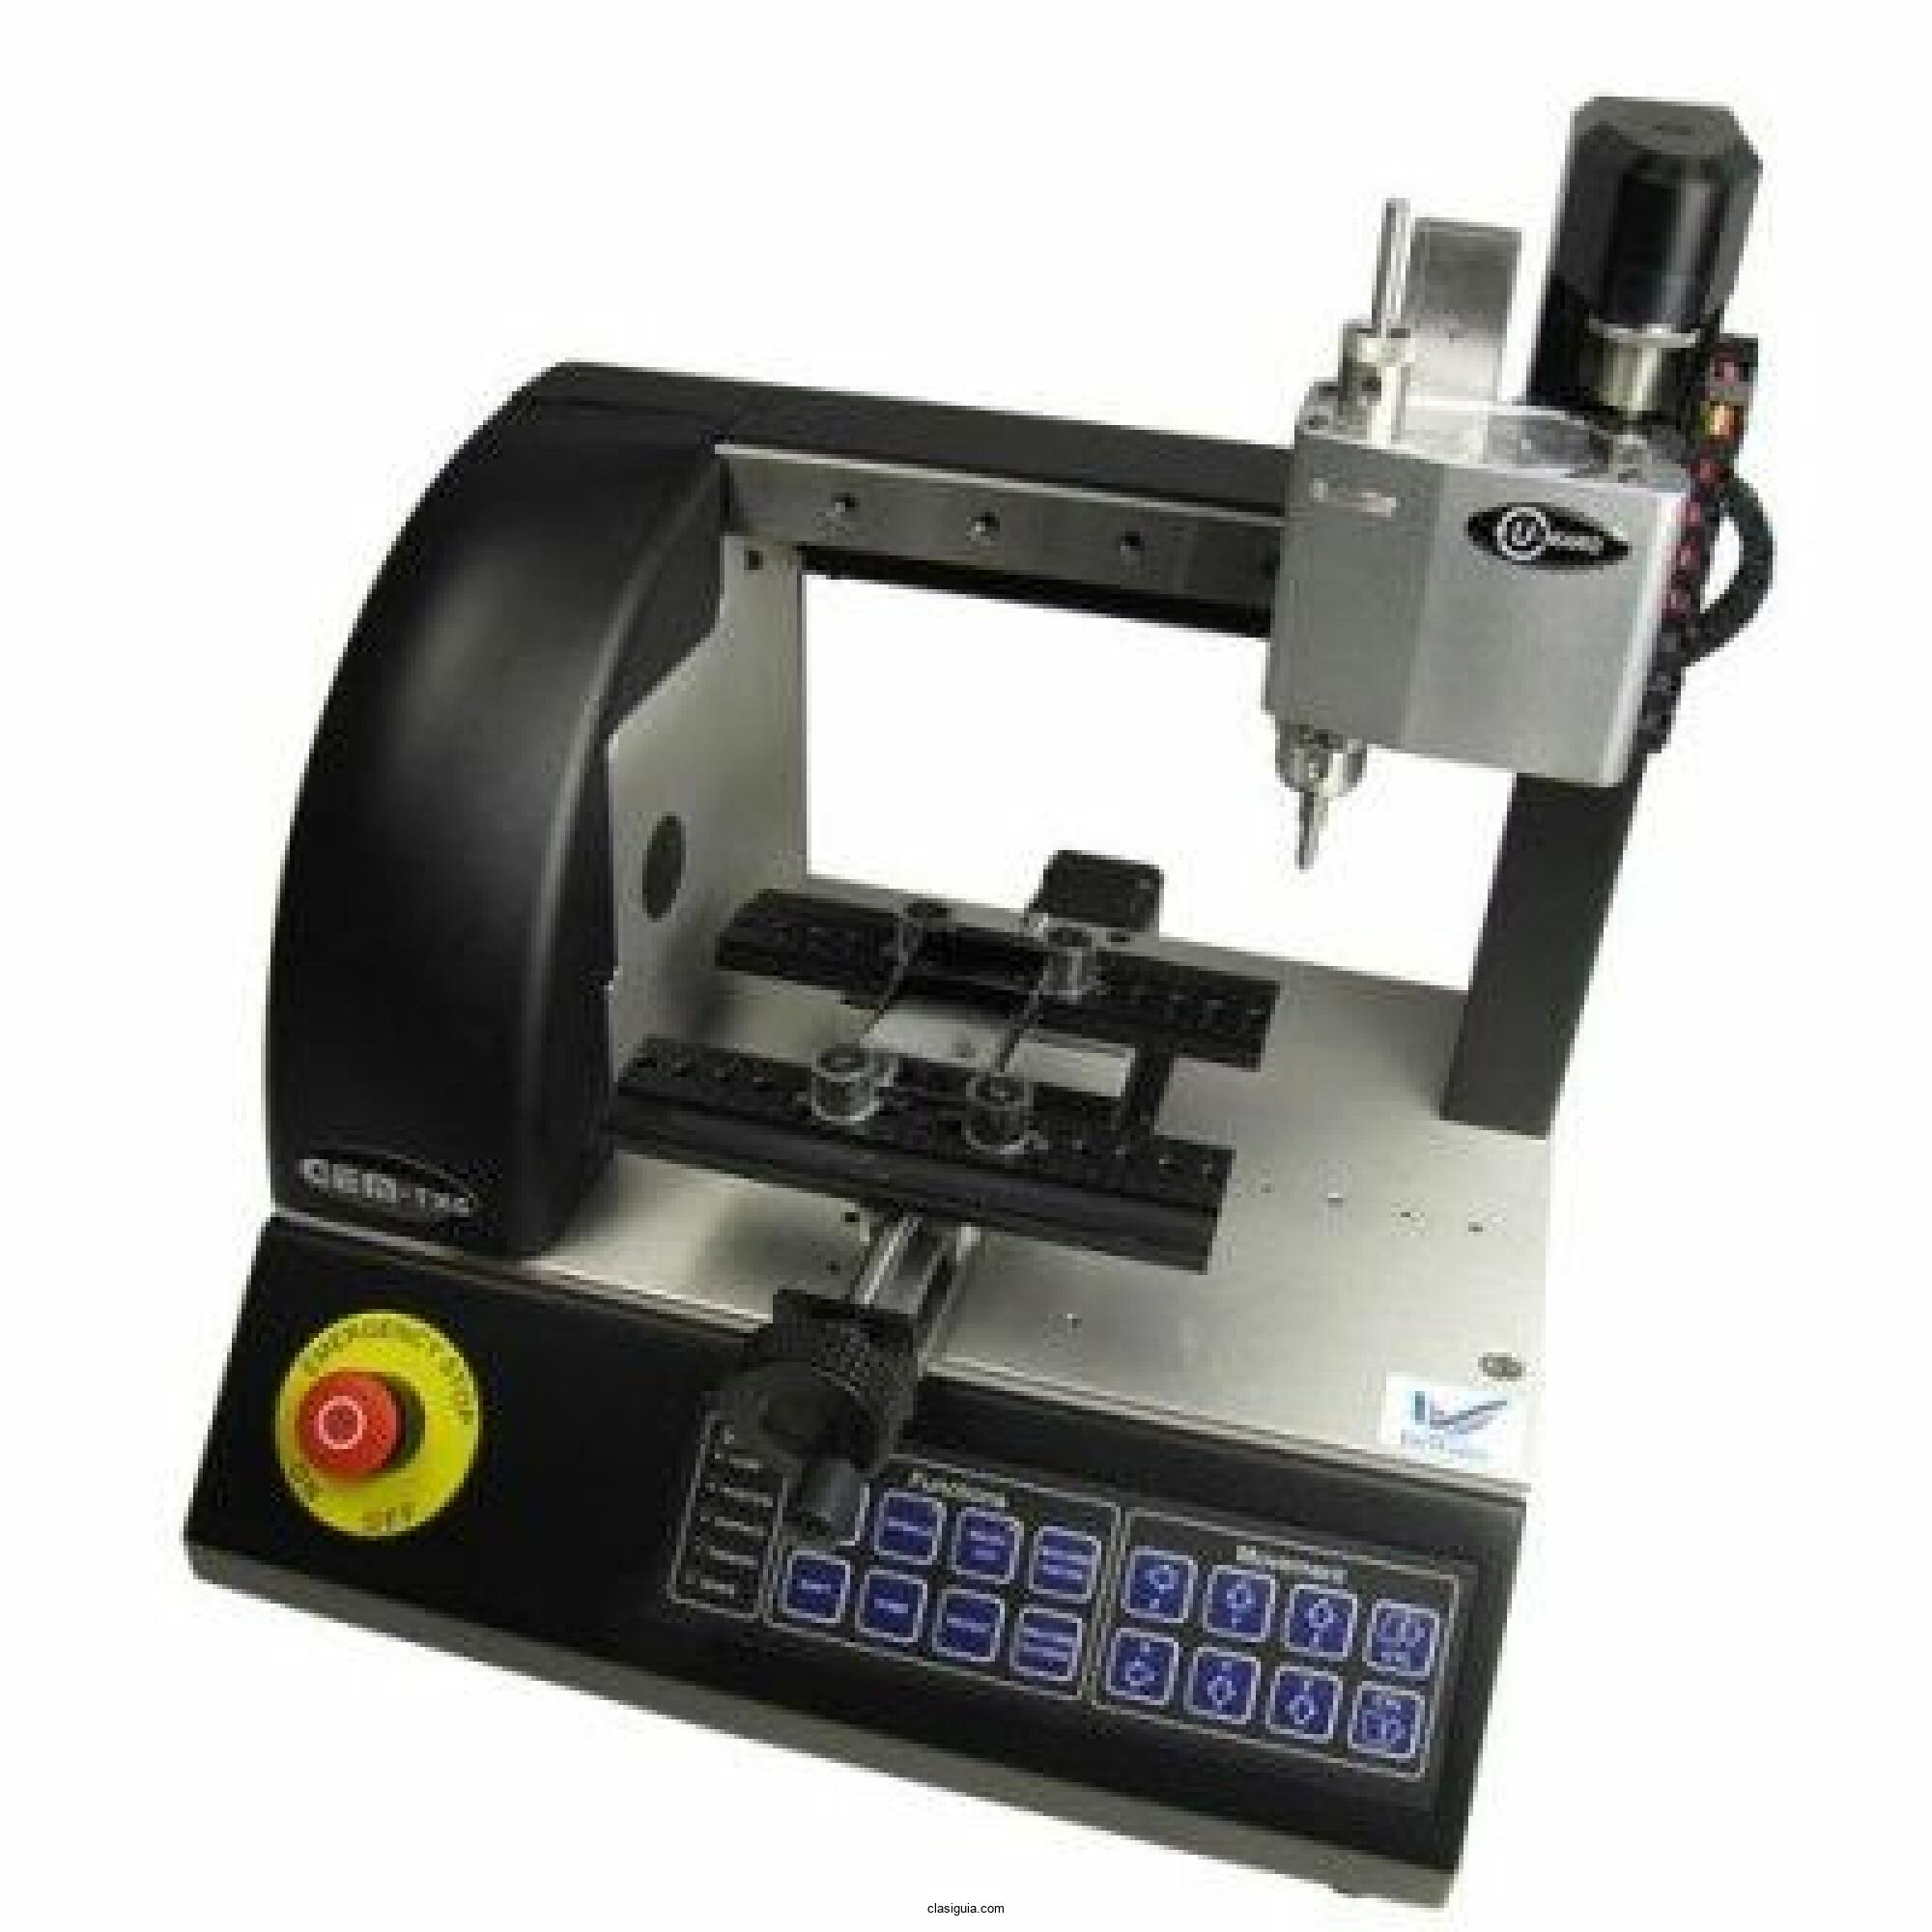 U-Marq GEM-TX5 Engraving Machine (MITRA PRINT)